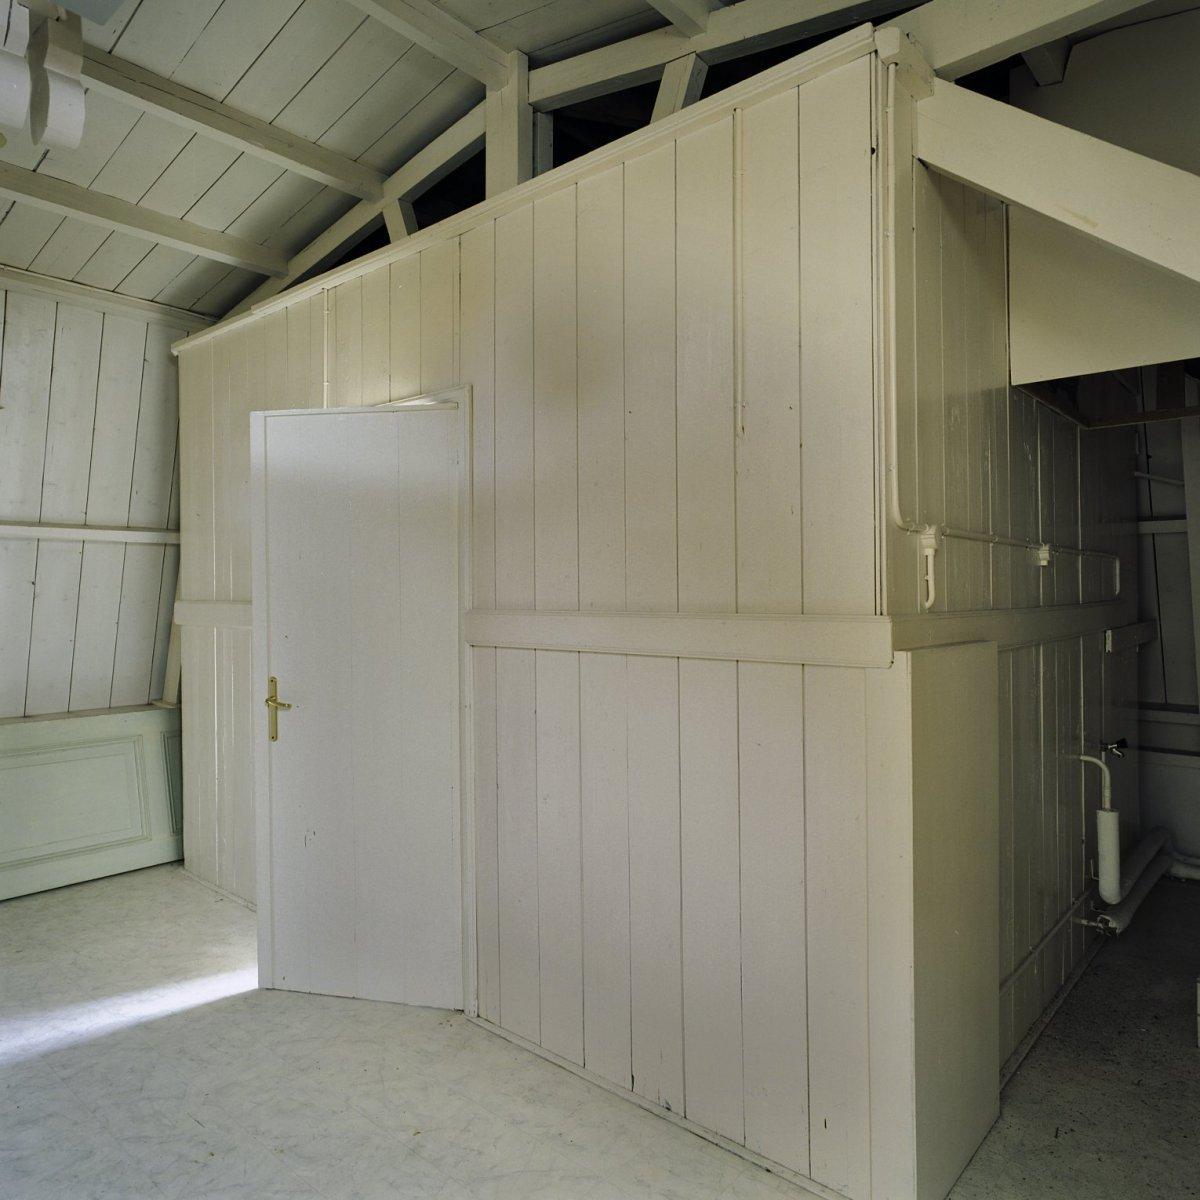 ... en de houten wanden van de zolder - Groningen - 20387710 - RCE.jpg